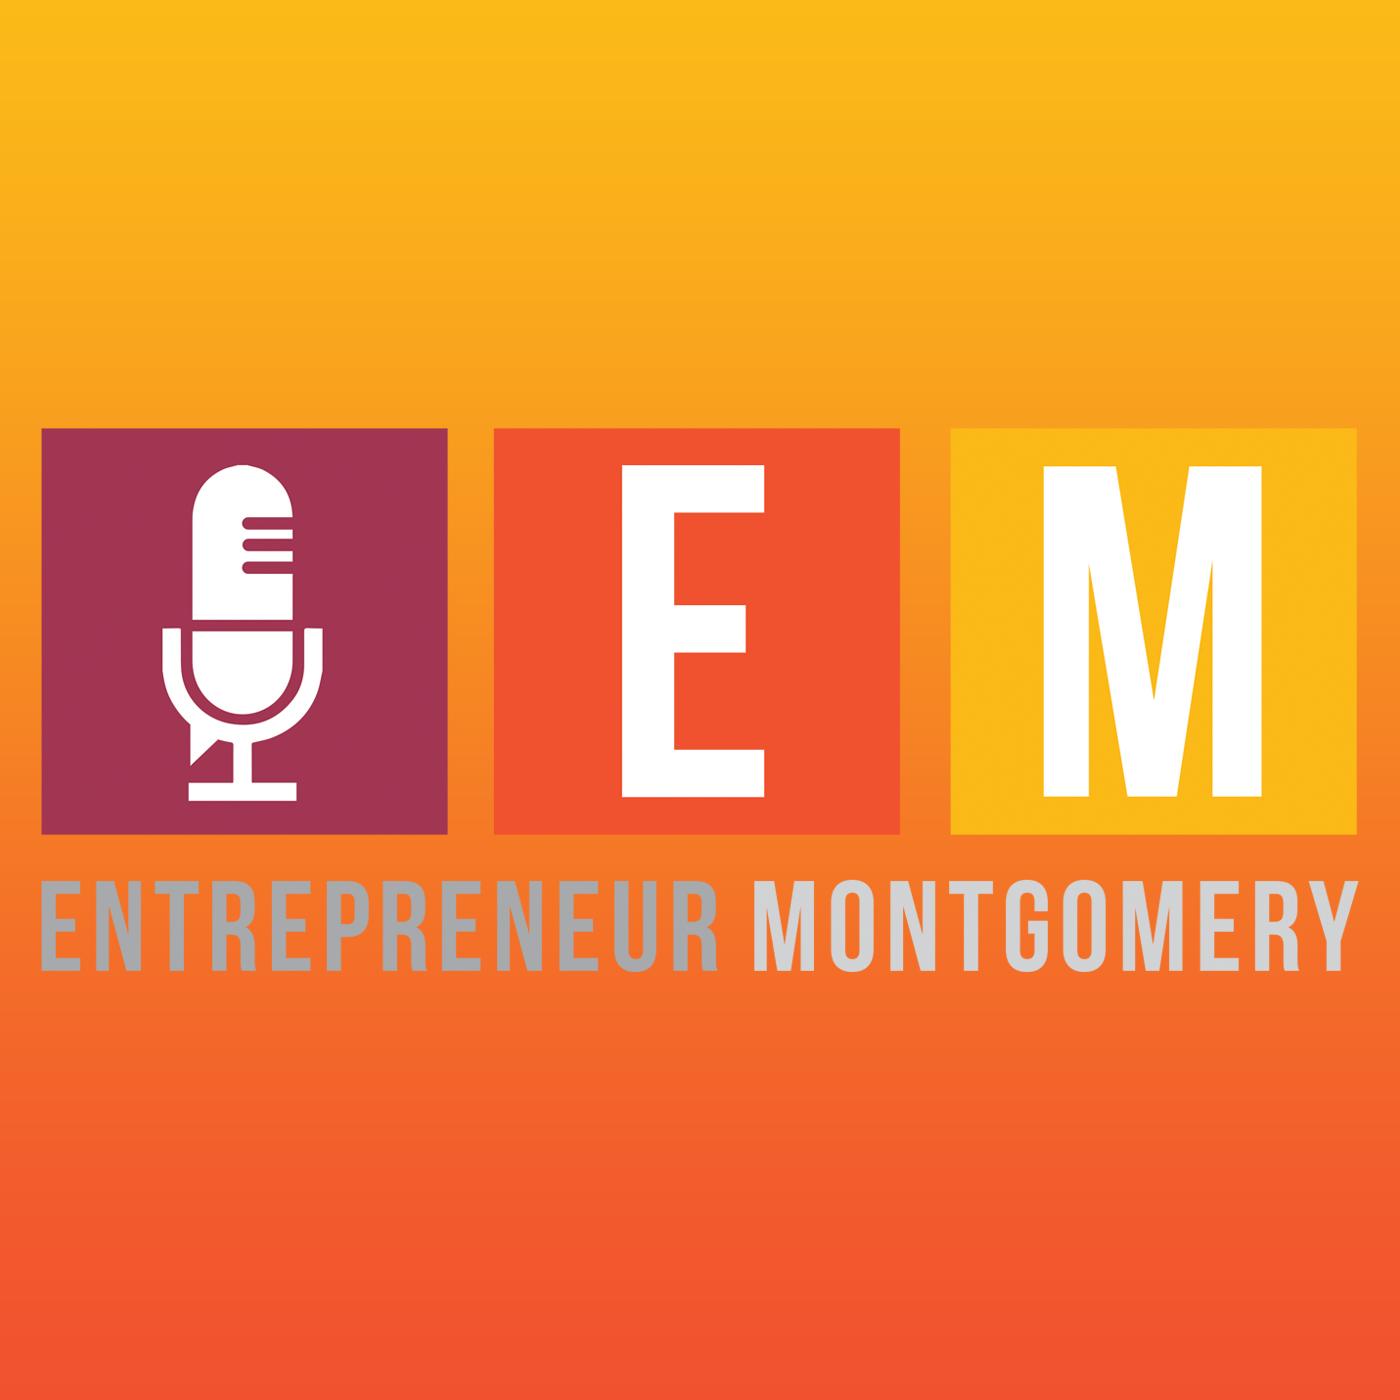 Entrepreneur Montgomery